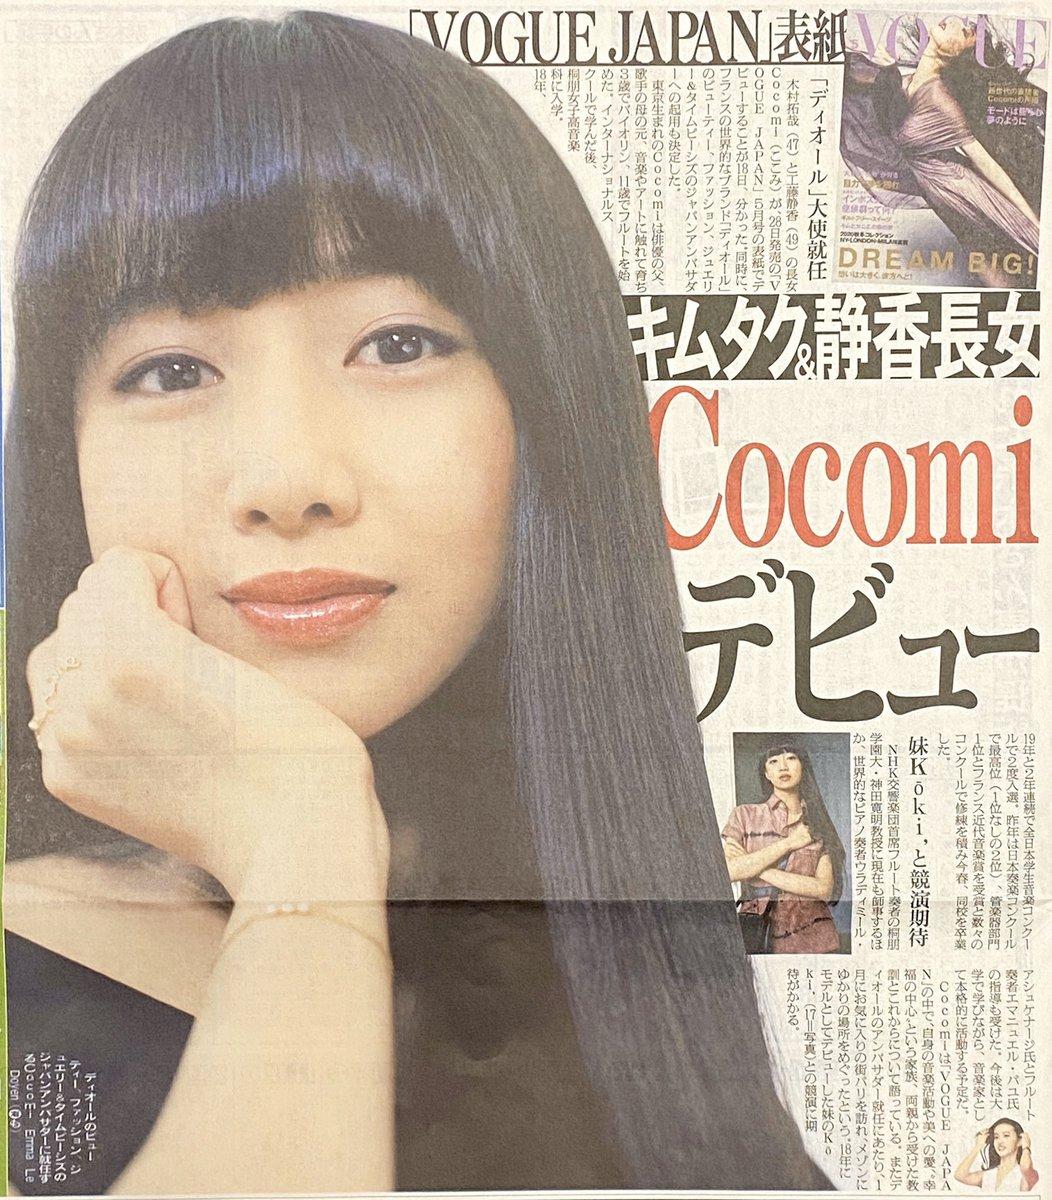 キムタクの長女cocomiちゃん、芸能界デビュー